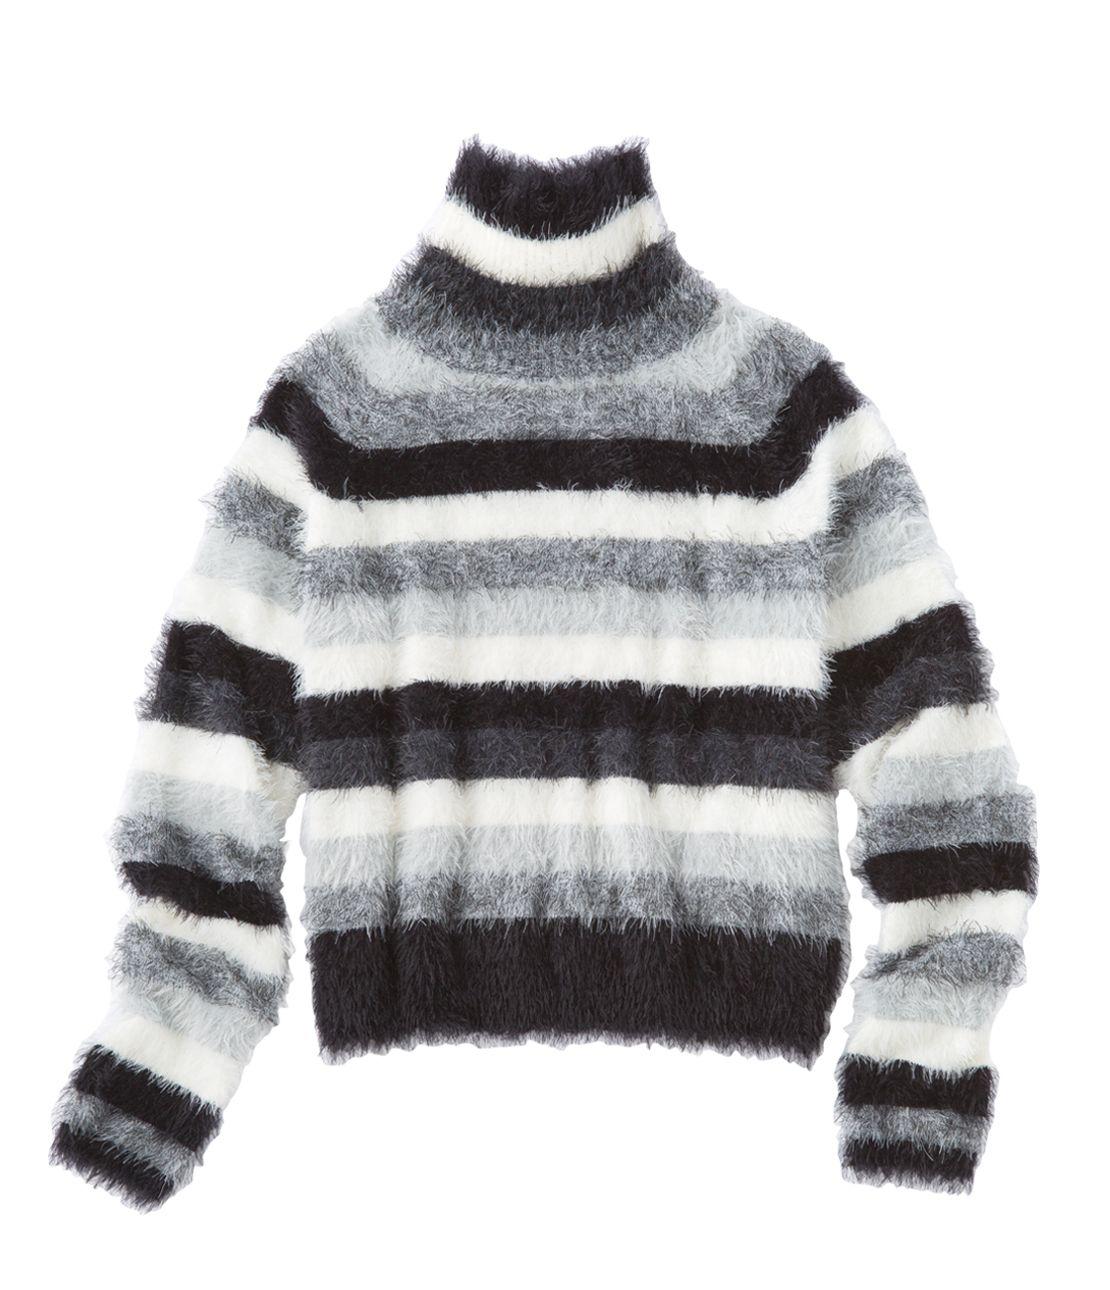 Feserjahnborder knit